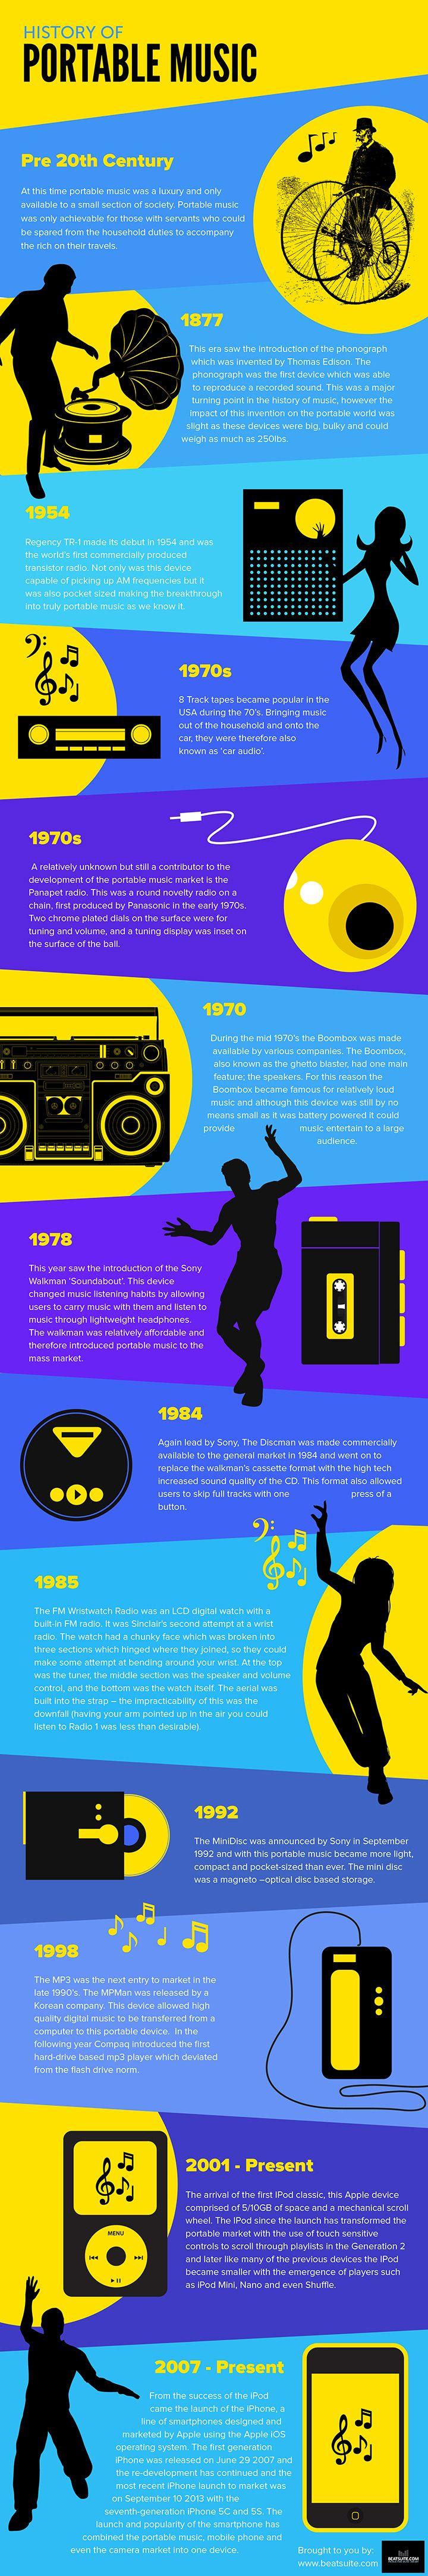 Infografia con la historia de la música portátil.